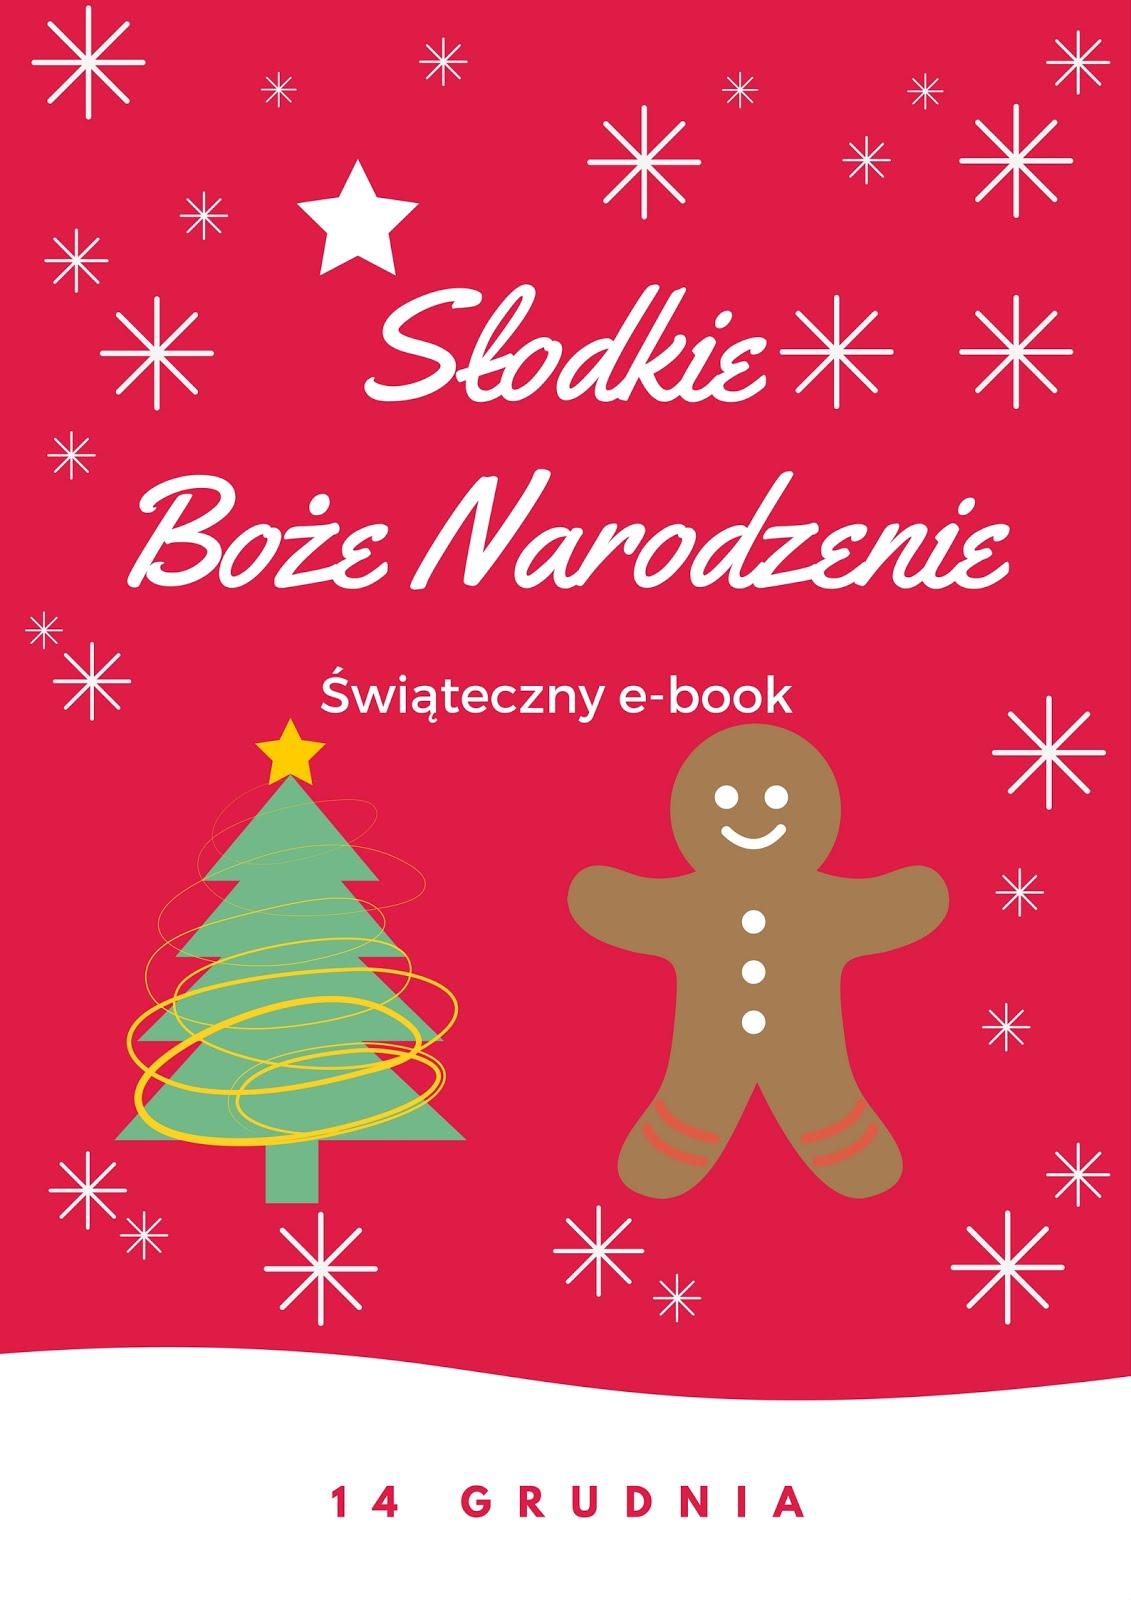 Świąteczny e-book